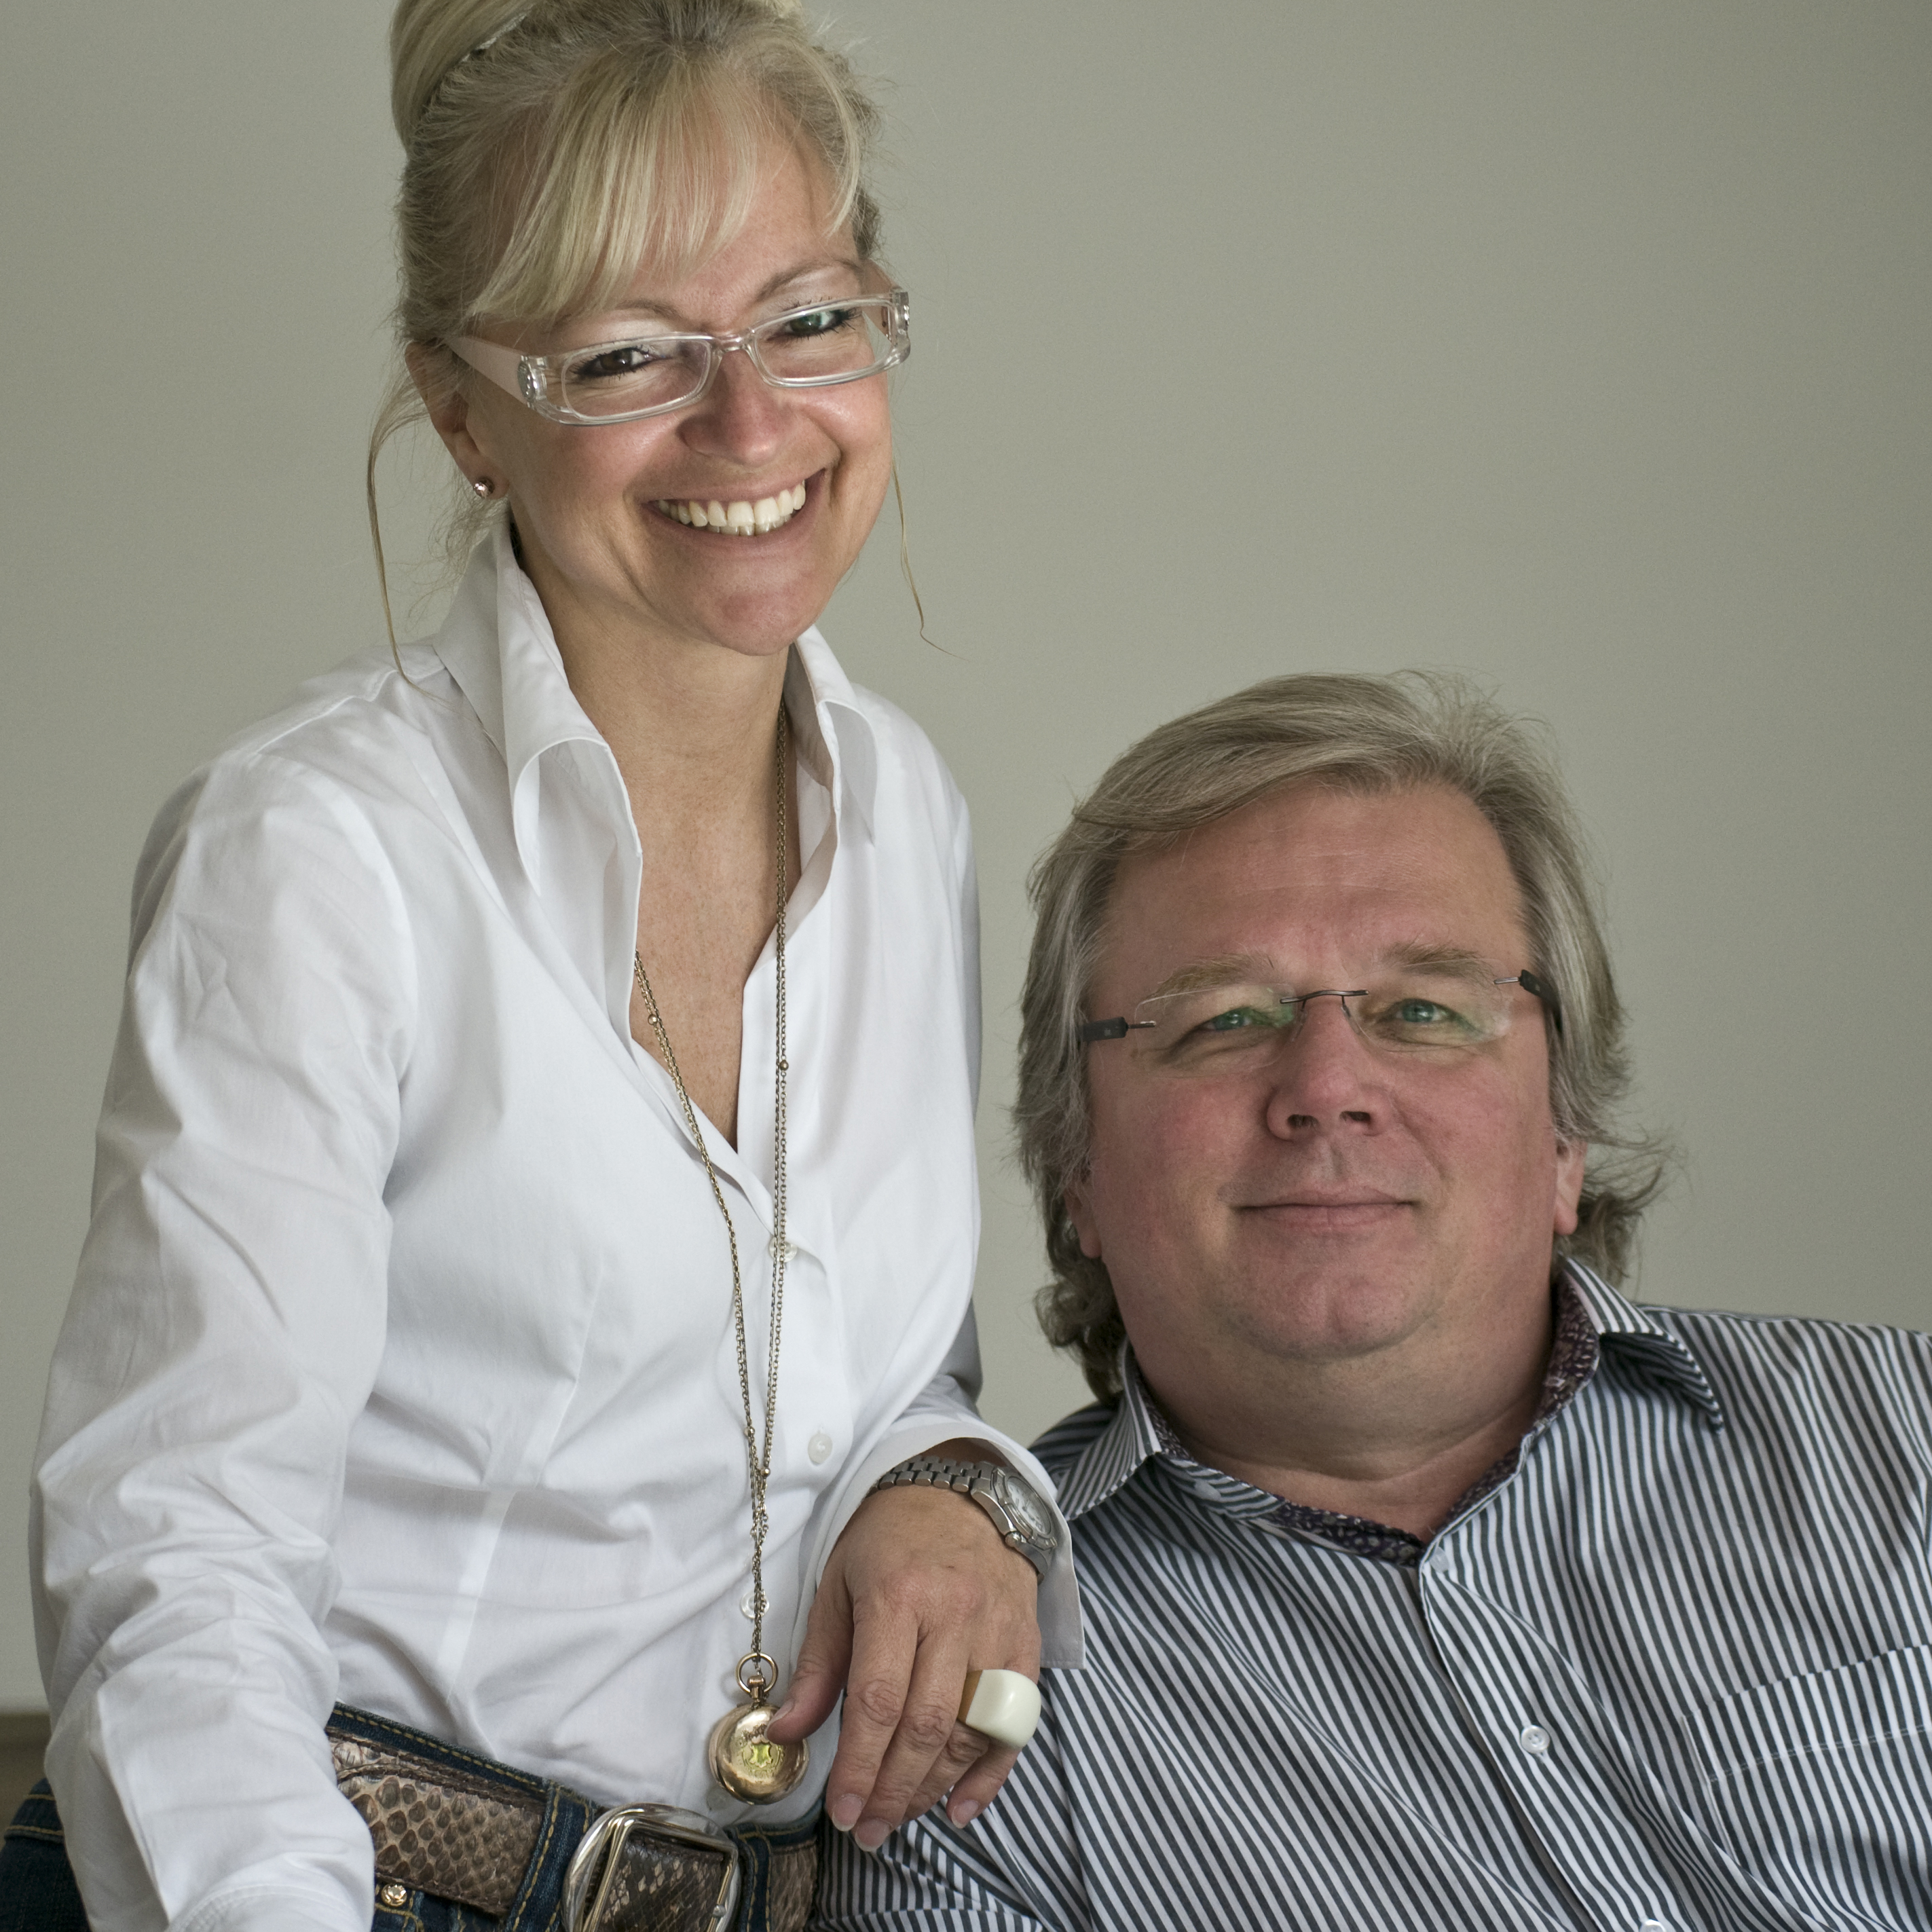 Corinna Kretschmar-Joehnk und Peter Joehnk, Inhaber des international renommierten Innenarchitektenbüros JOI-Design